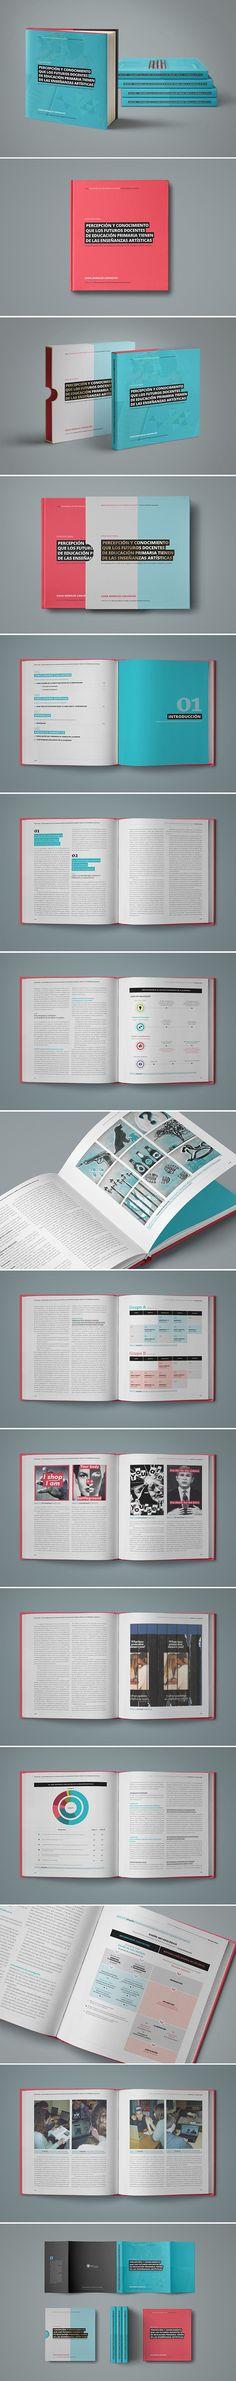 Proyecto de diseño editorial para mi tesis doctoral.